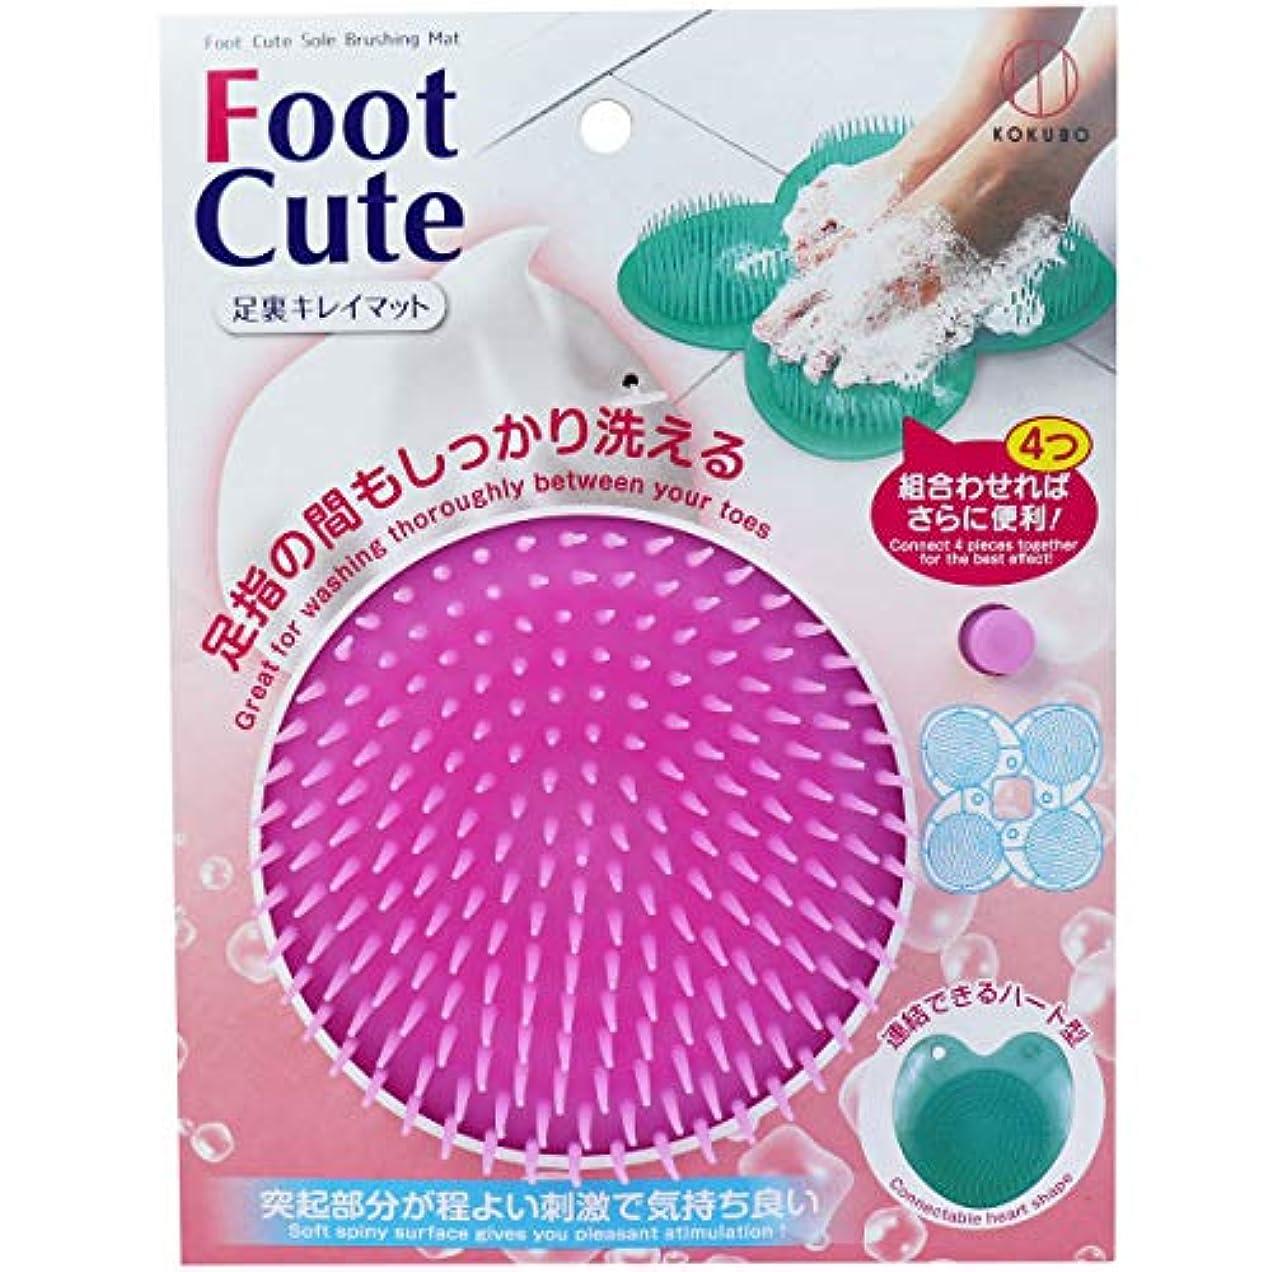 思想公爵後者Foot Cute 足裏キレイマット ピンク KH-056×5個セット